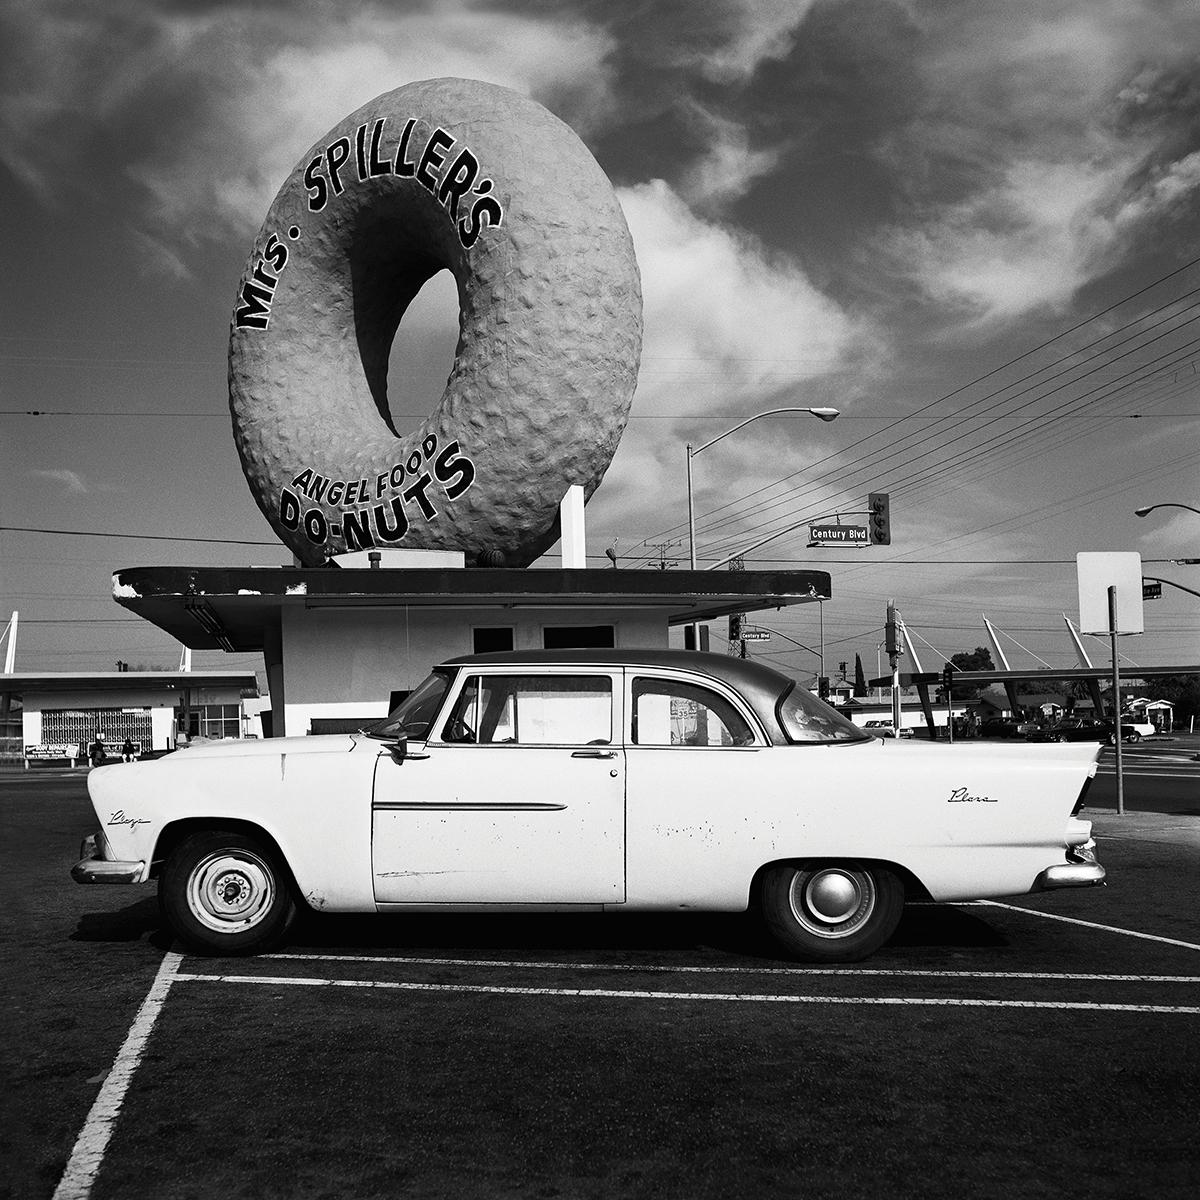 Mrs Spiller's Donuts, 1975